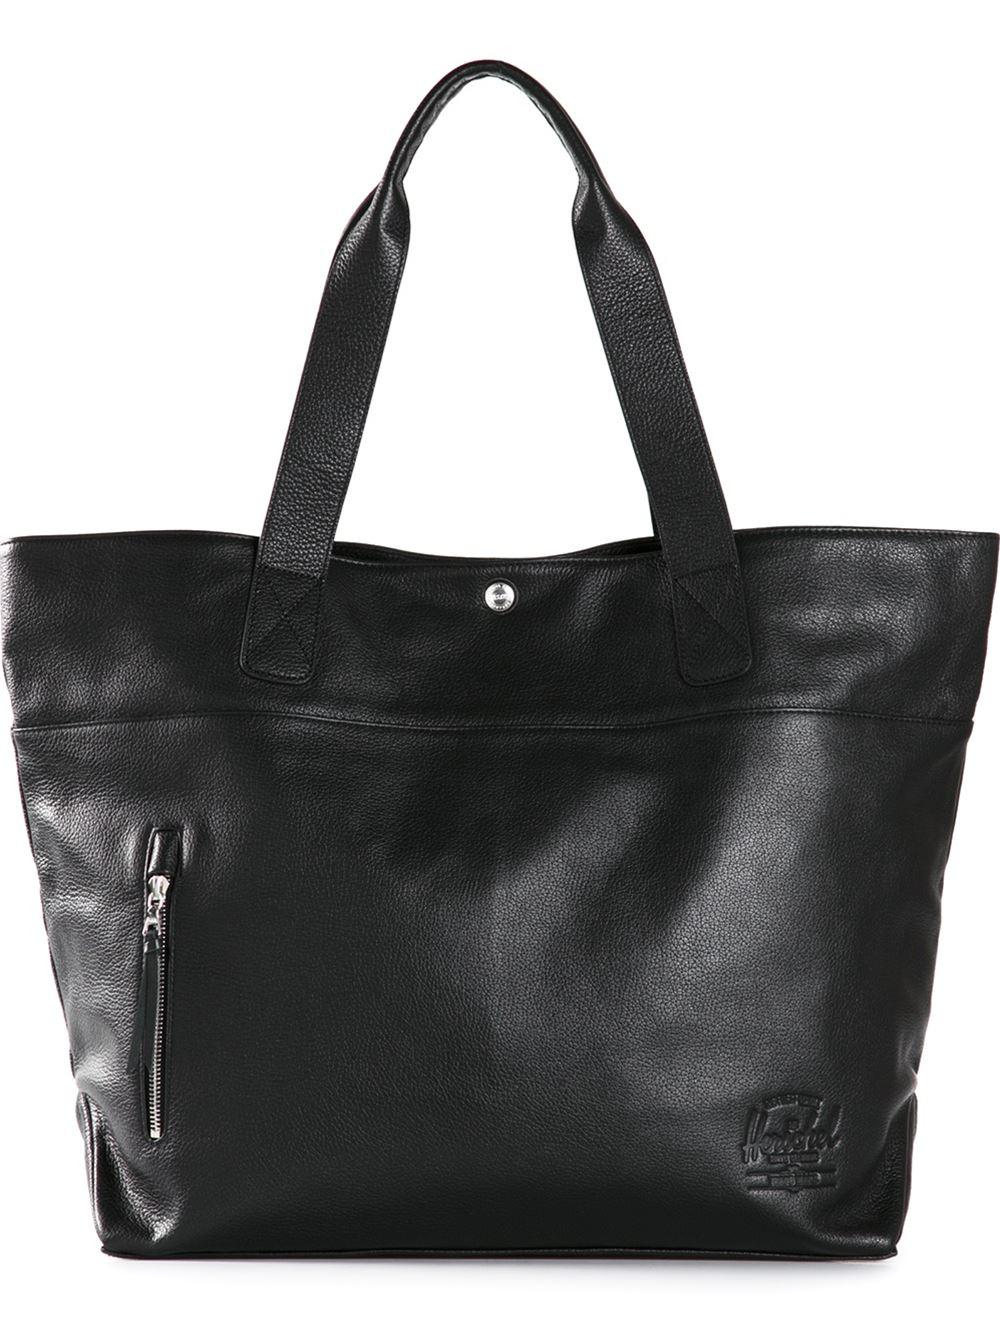 herschel supply co black bad hills alexander bag for